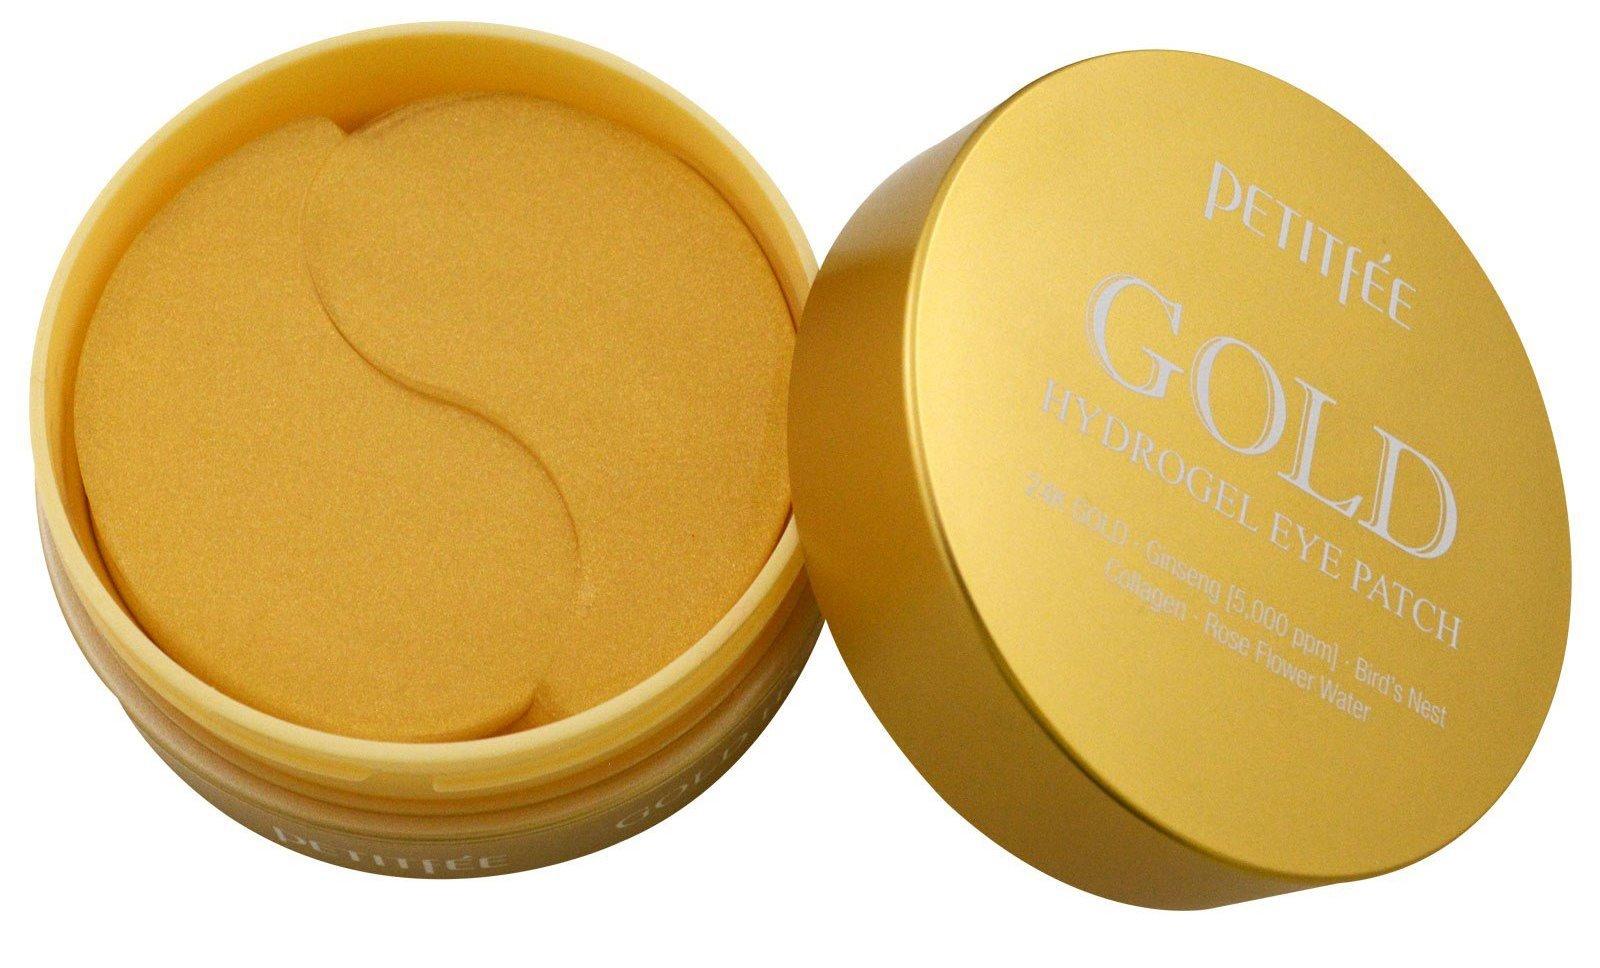 Petitfee Корея Гидрогелевые патчи под глаза с 24-каратным золотом